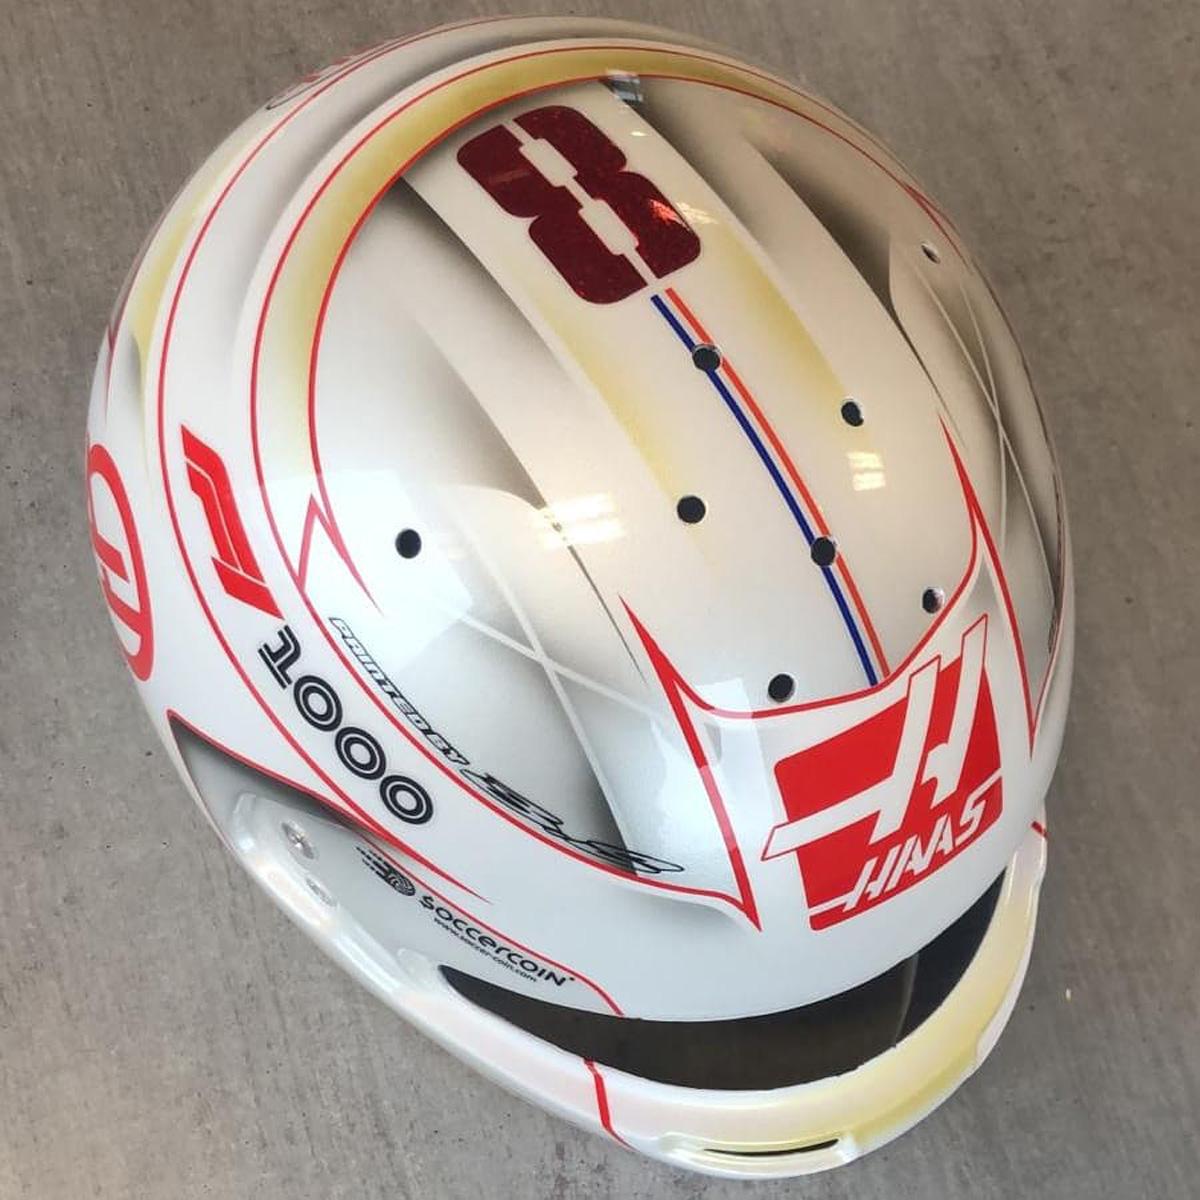 ロマン・グロージャン 2019年 F1中国GP ヘルメット②